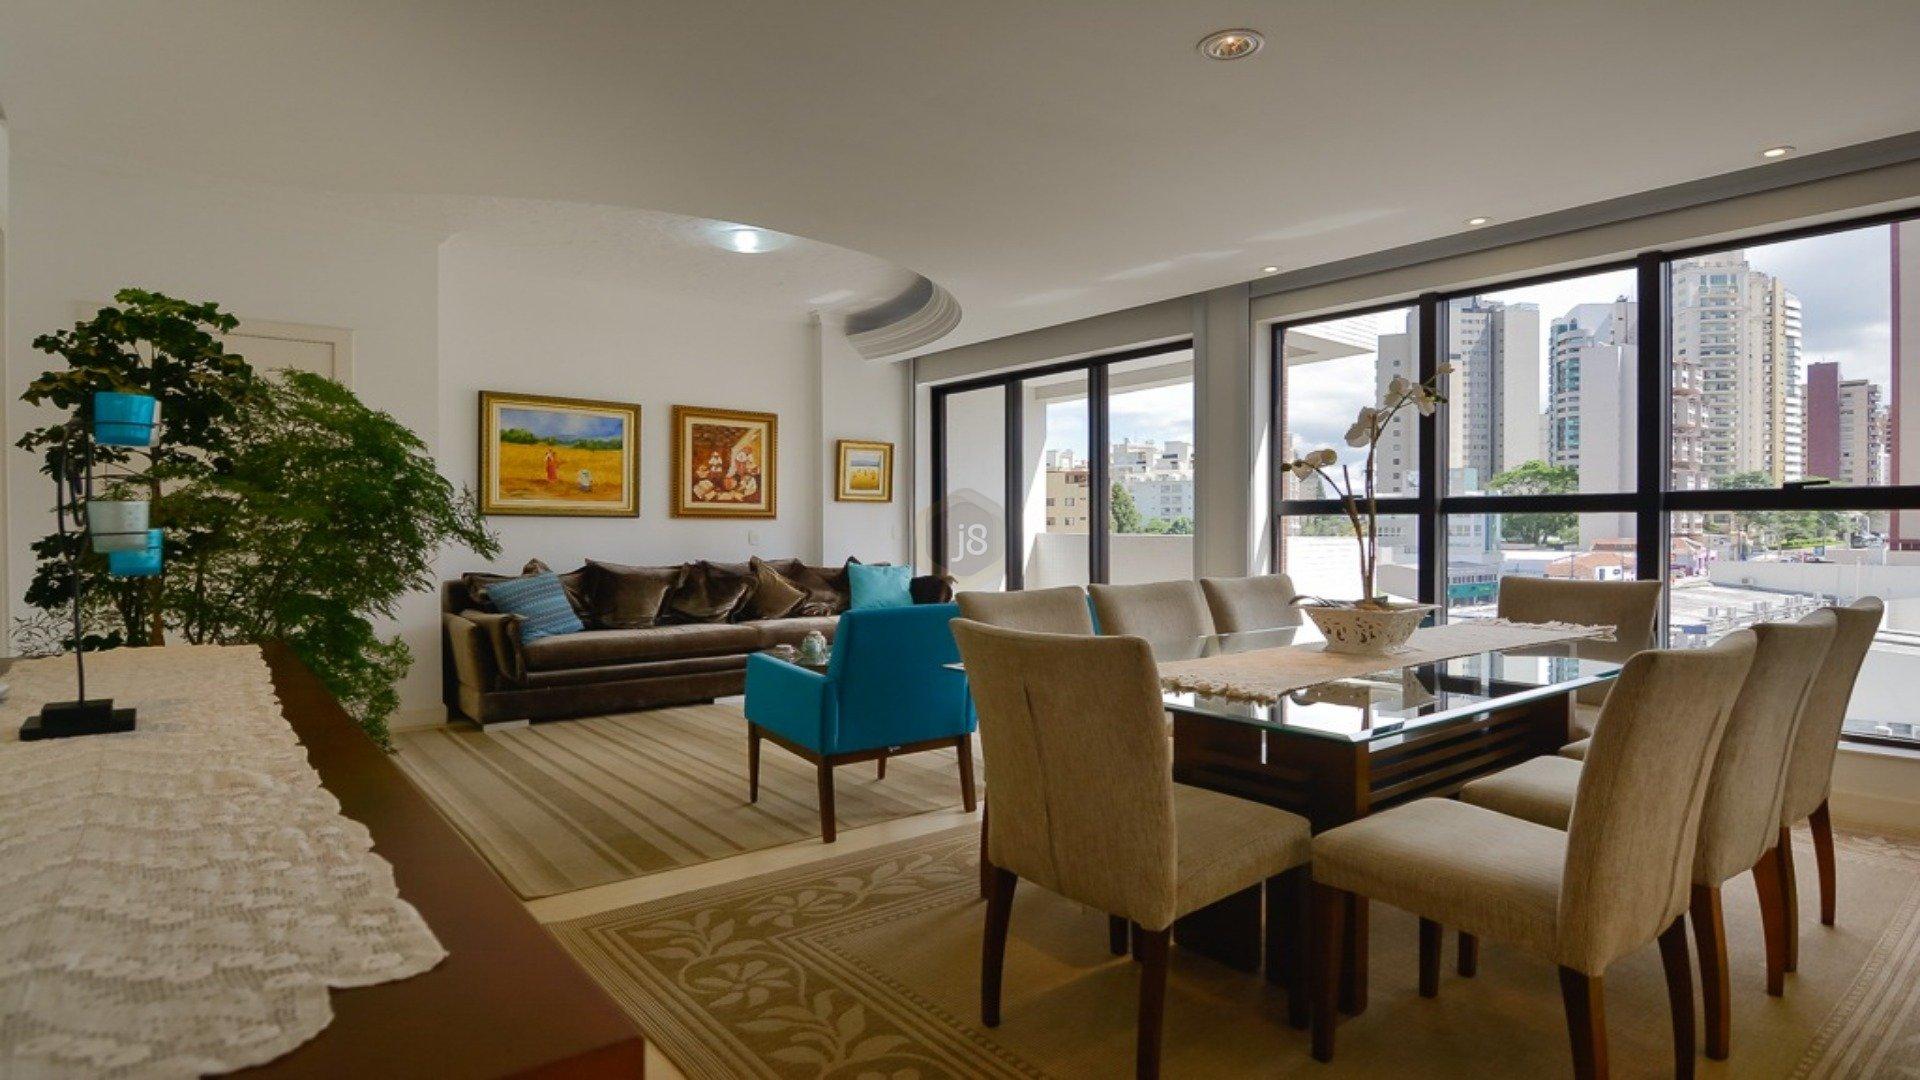 Foto de destaque O apartamento ideal para você no juvevê